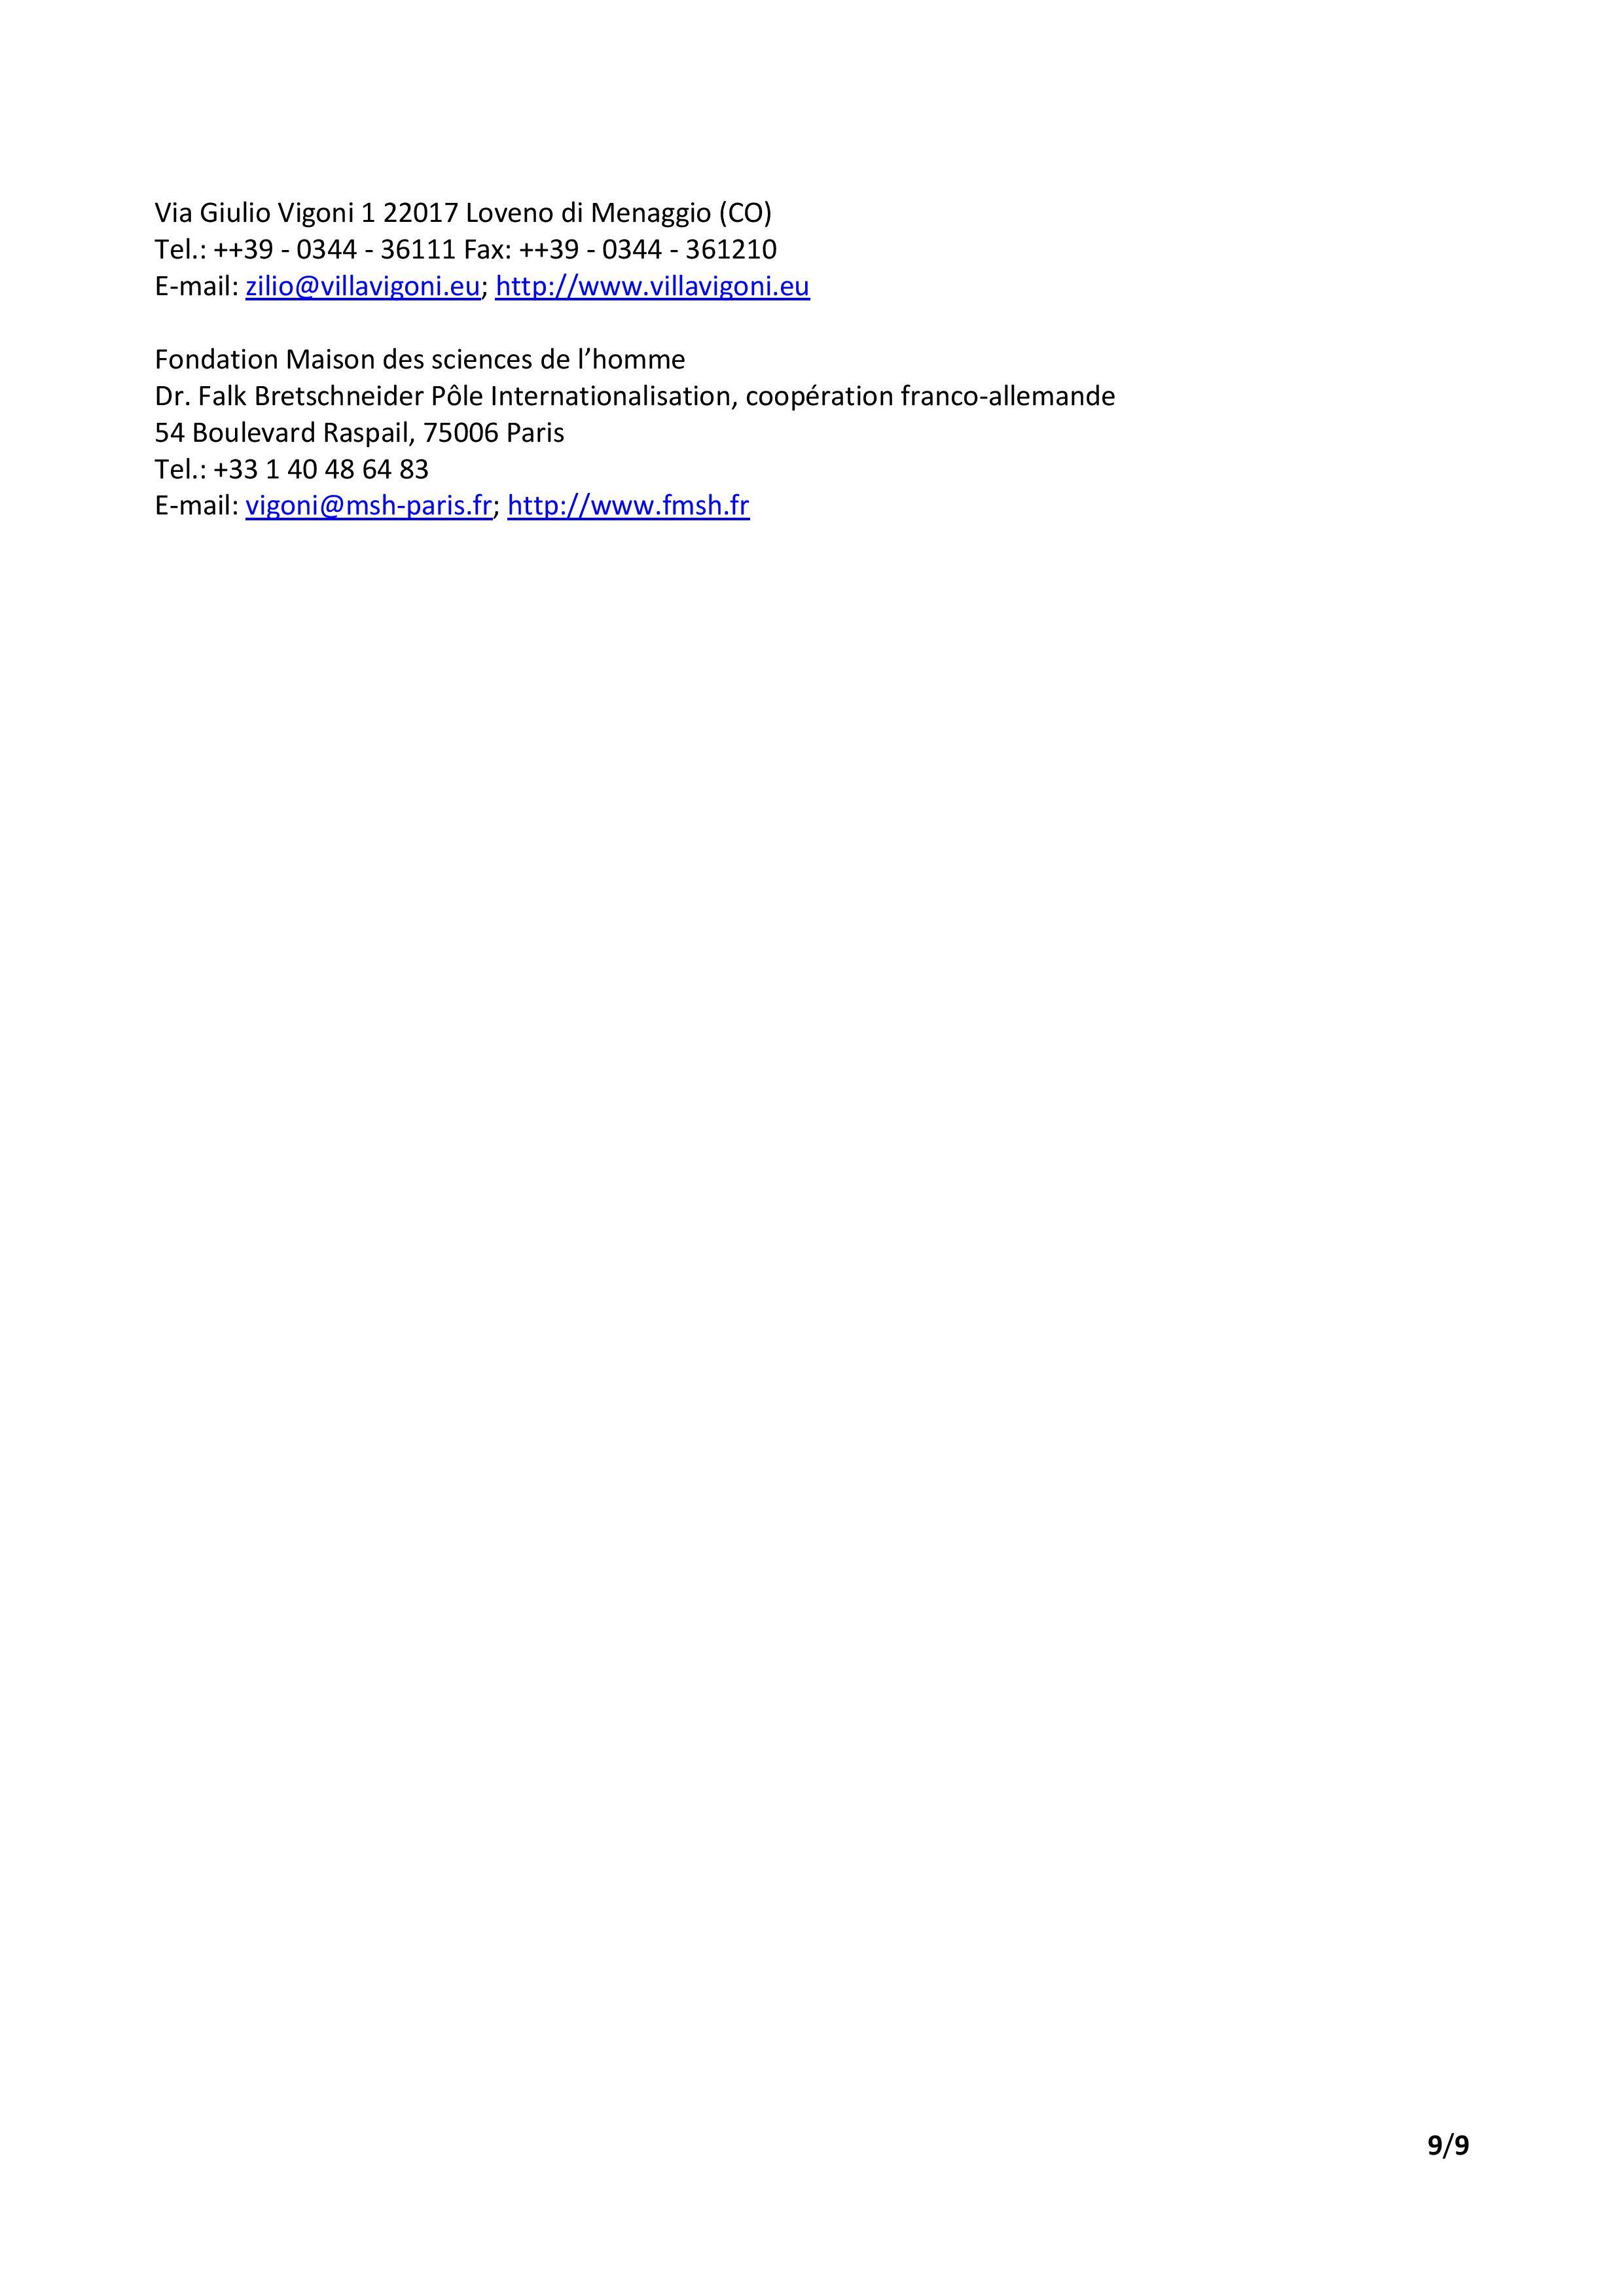 Conferenze-di-ricerca-trilaterali_2022-2024_BANDO-1-page-009